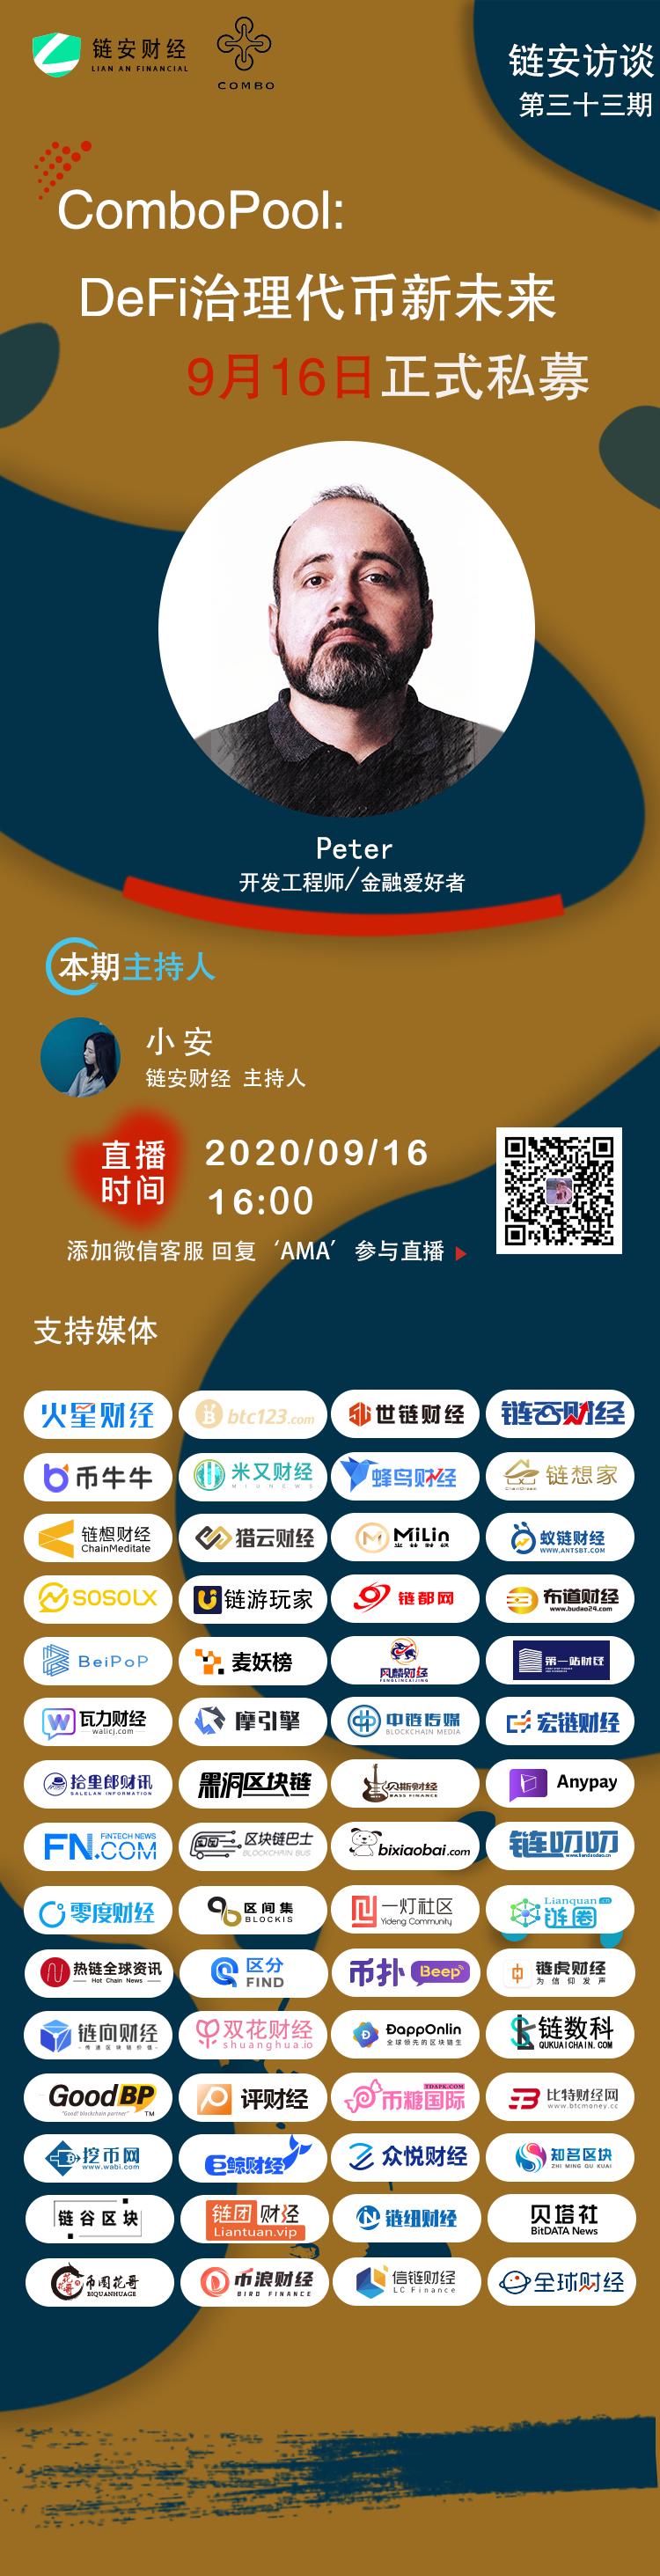 链安访谈|ComboPool Peter:DeFi治理代币新未来,9月16日正式私募